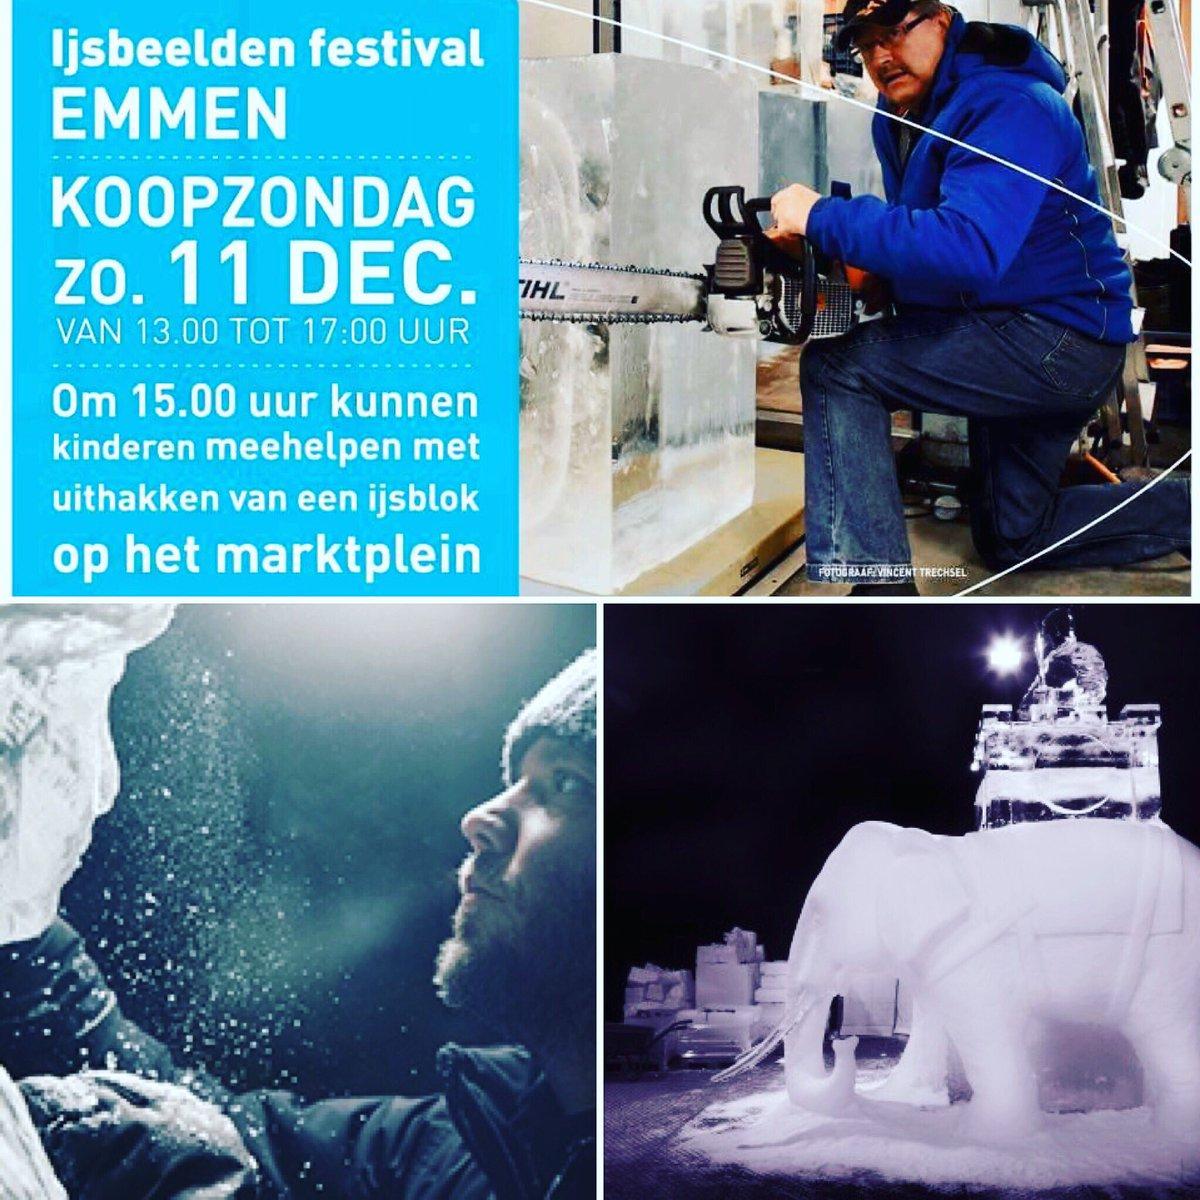 Vandaag koopzondag en ijsbeeldenfestival Emmen Centrum @MediaMarktEmmen Wij zijn geopend van 12:00-17:00. https://t.co/JgriouUudd